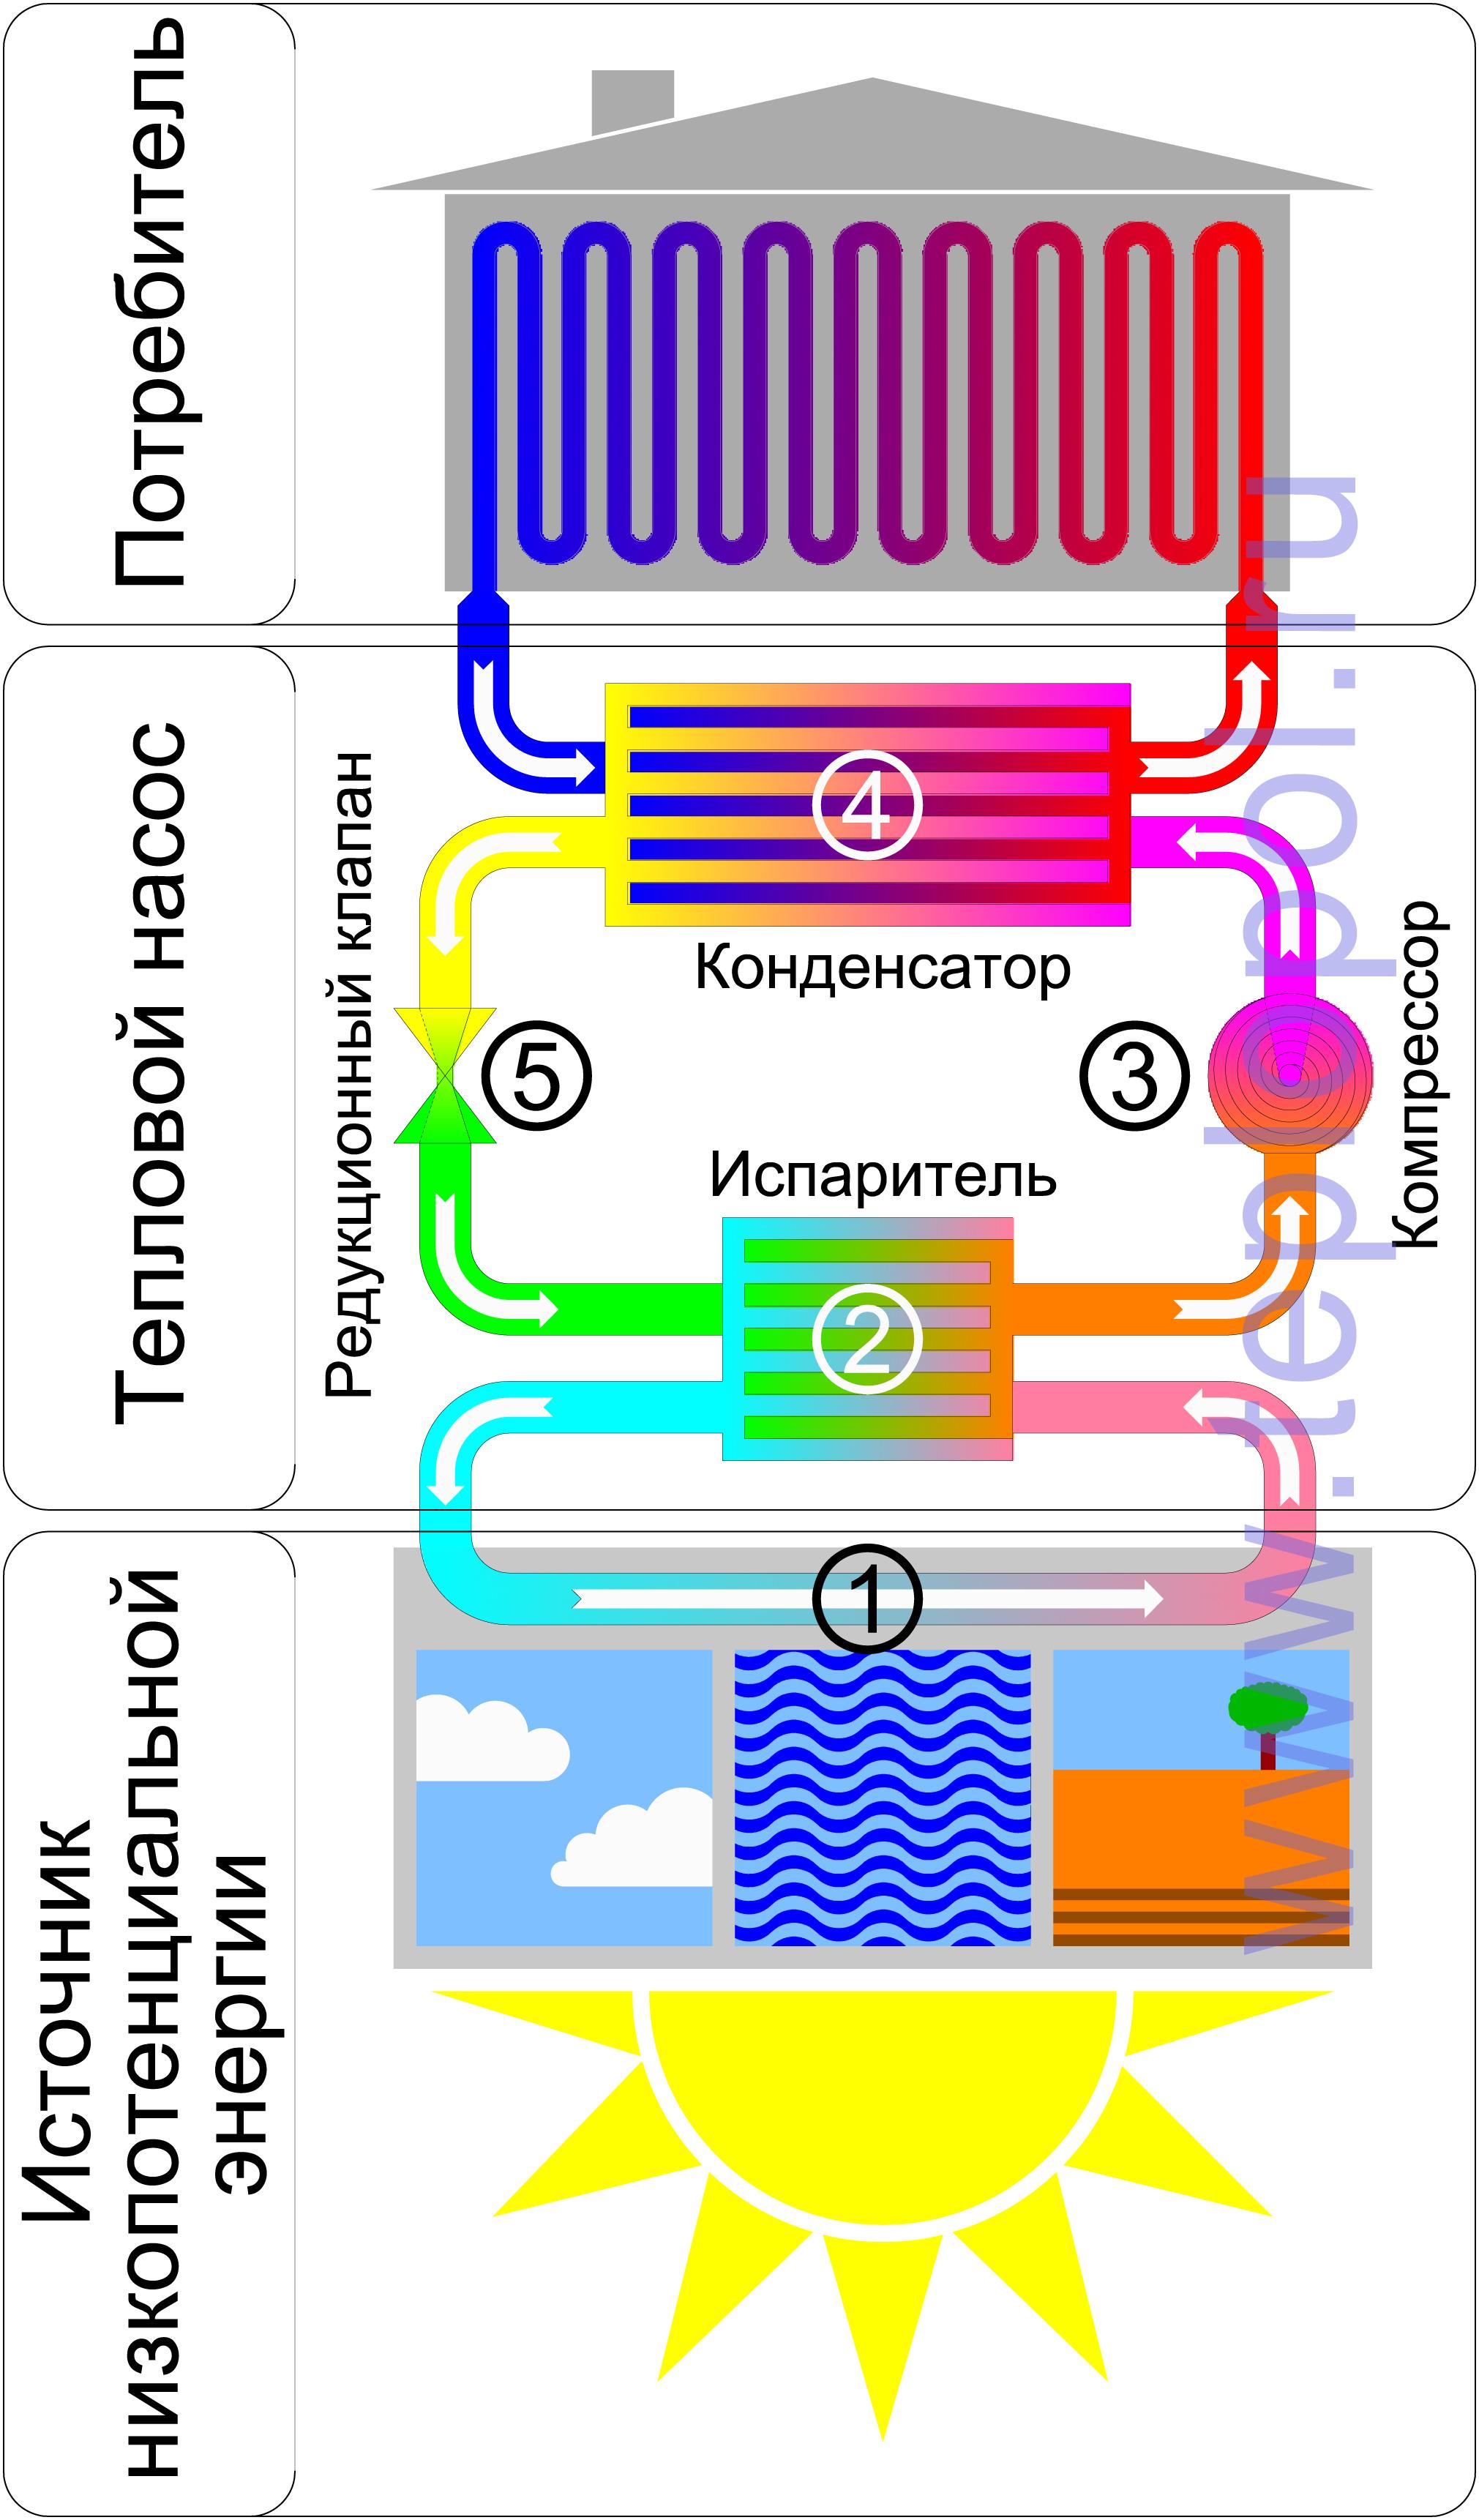 Тепловой насос - устройство для переноса тепловой.